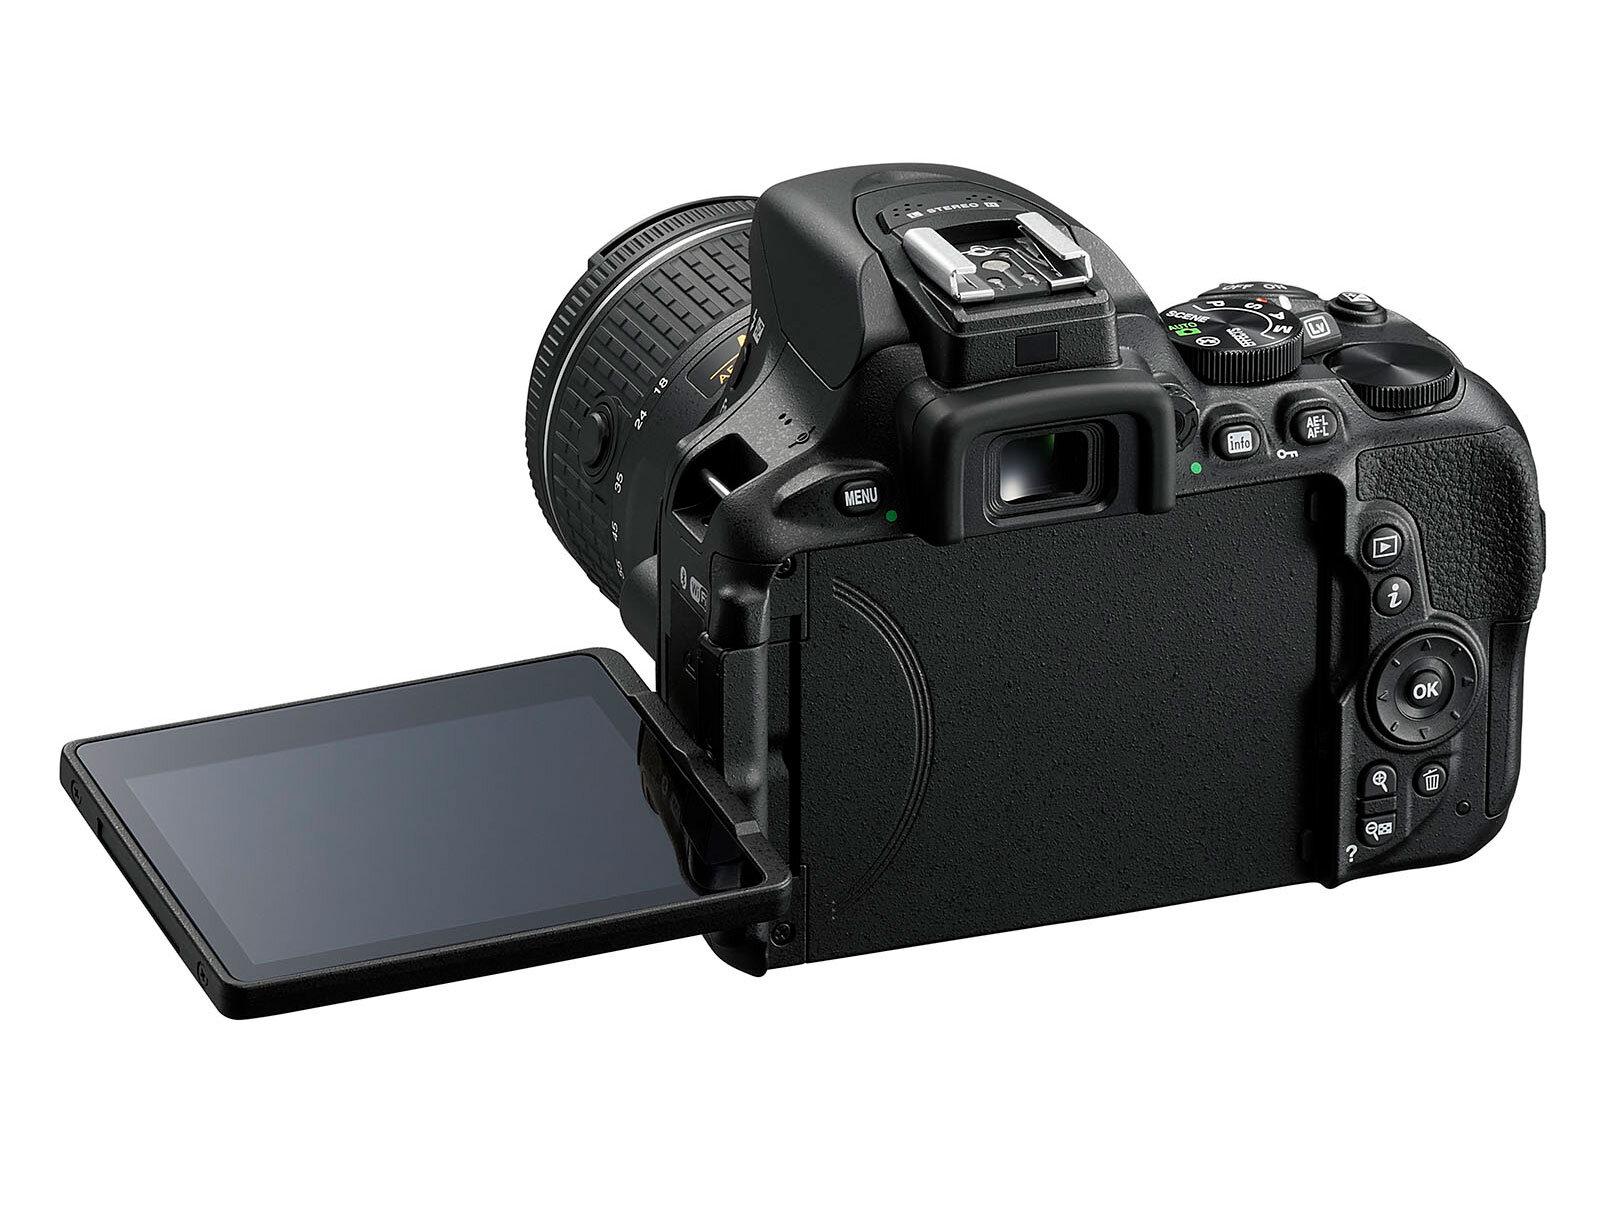 Màn hình linh hoạt của Nikon D5600